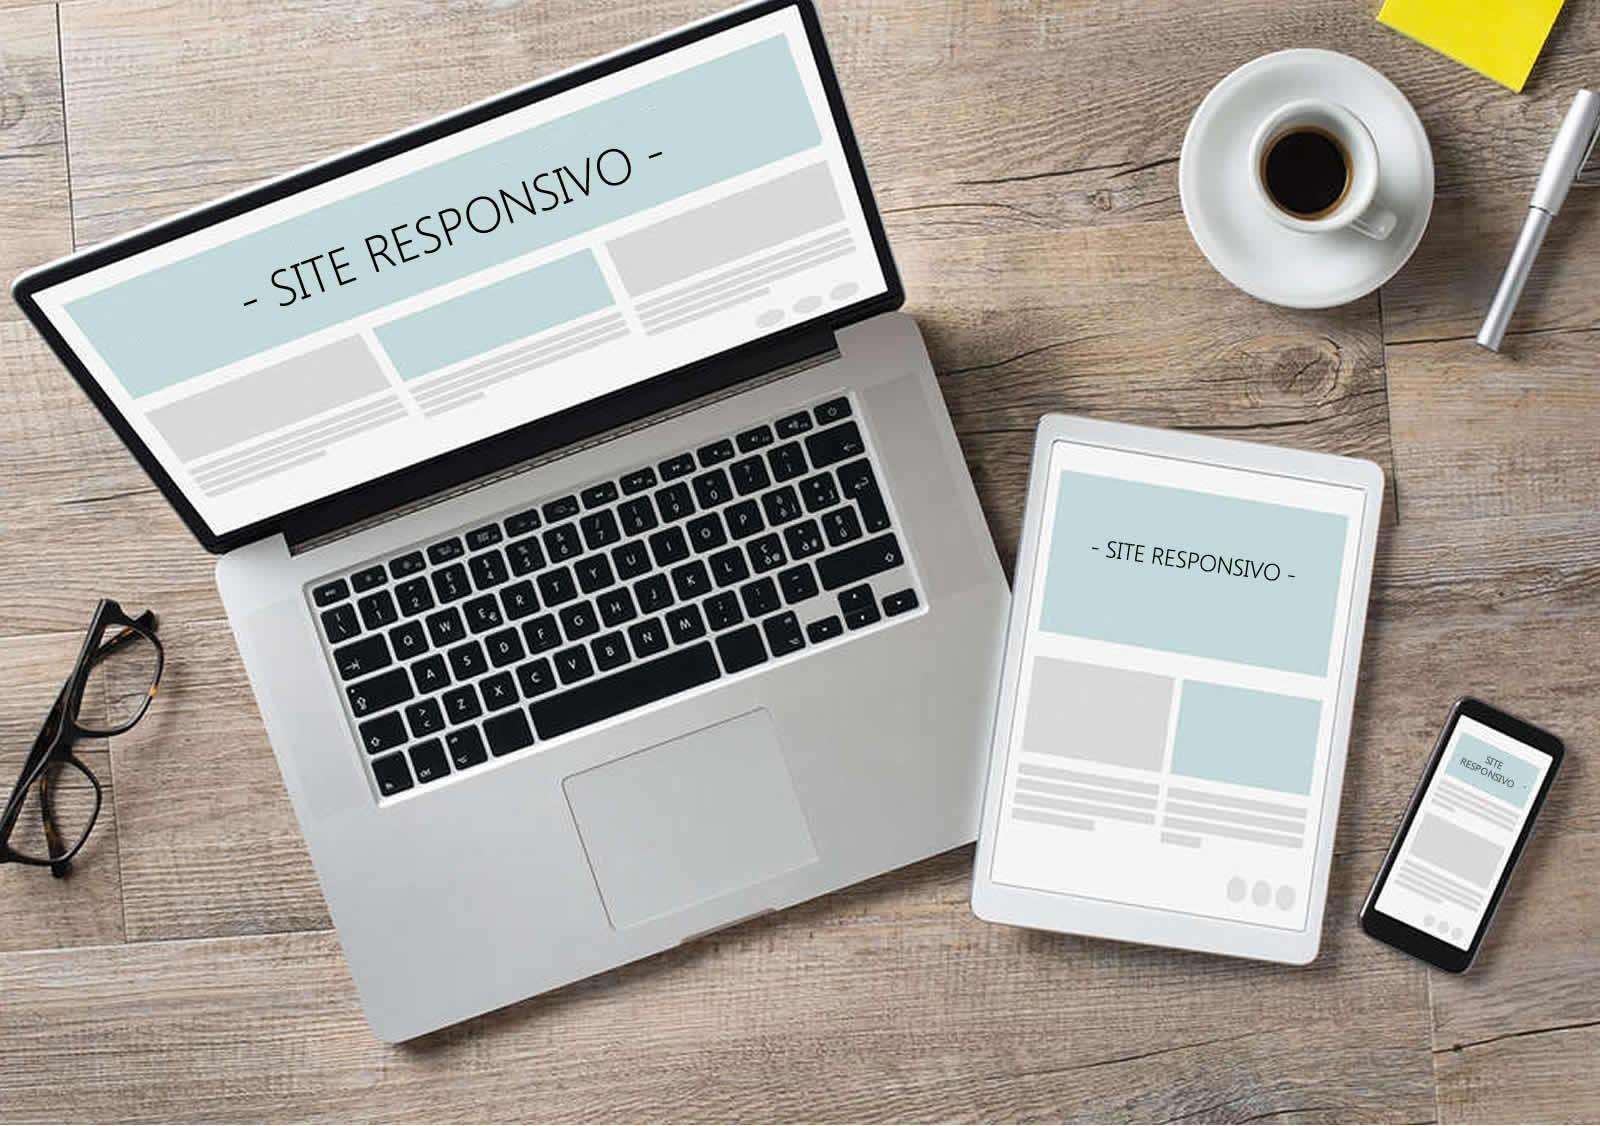 Agência de Criação - Belo Horizonte | Agência de Marketing Digital em BH - Criação de Sites Responsivos